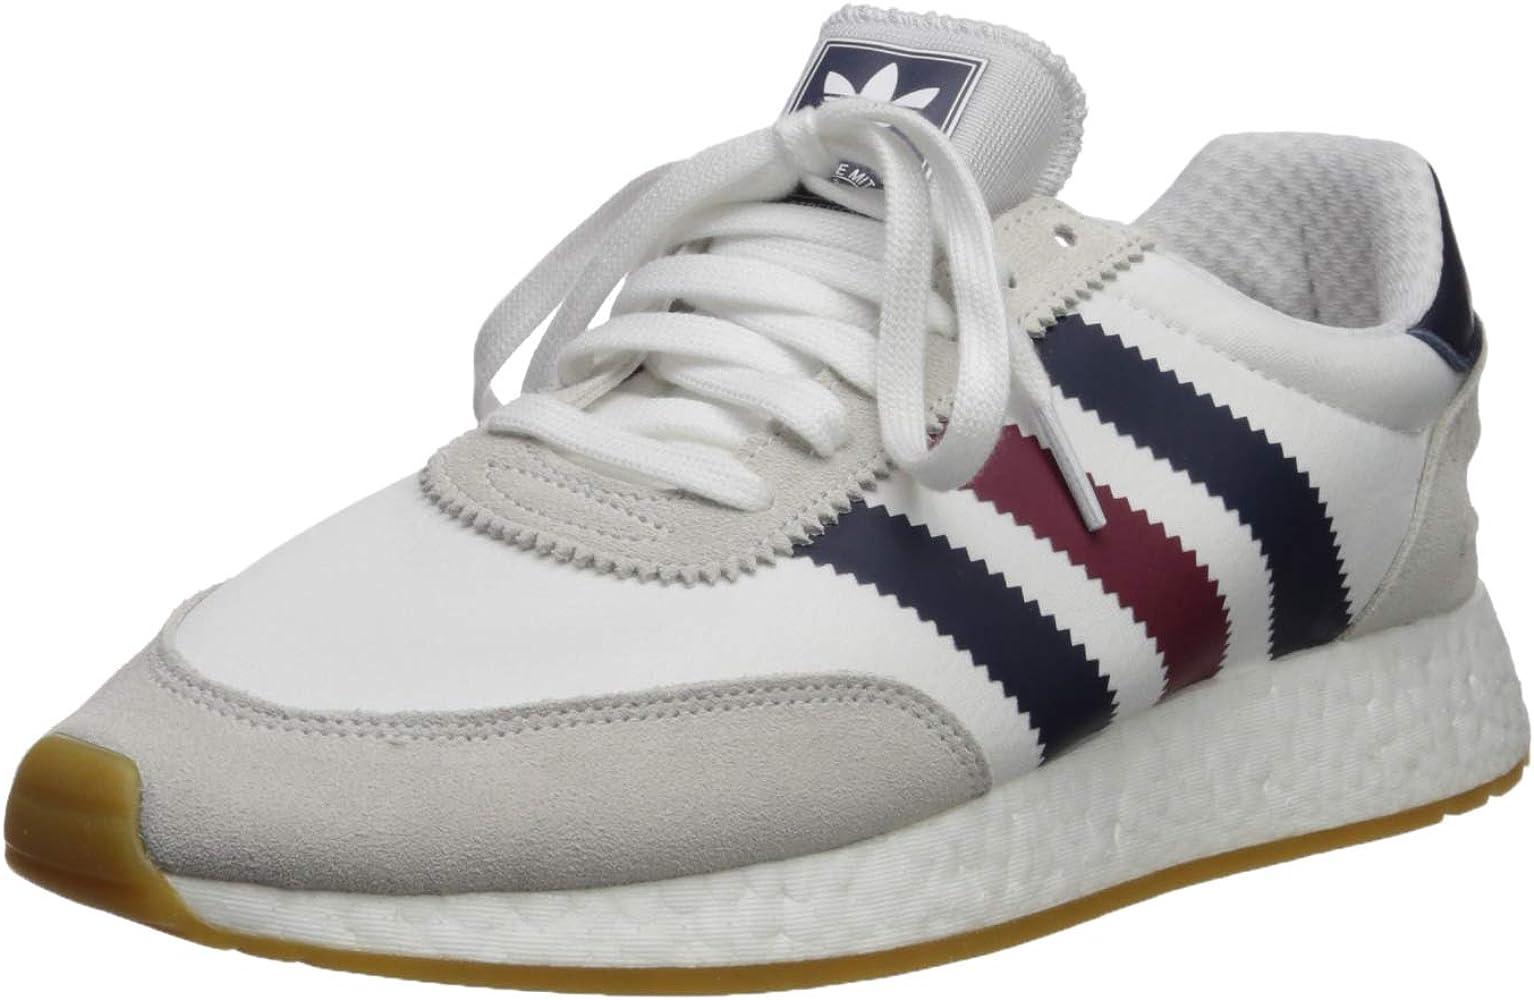 19837f73b8 Men's I-5923 Running Shoe, White Burgundy/Collegiate Navy, 13.5 M US